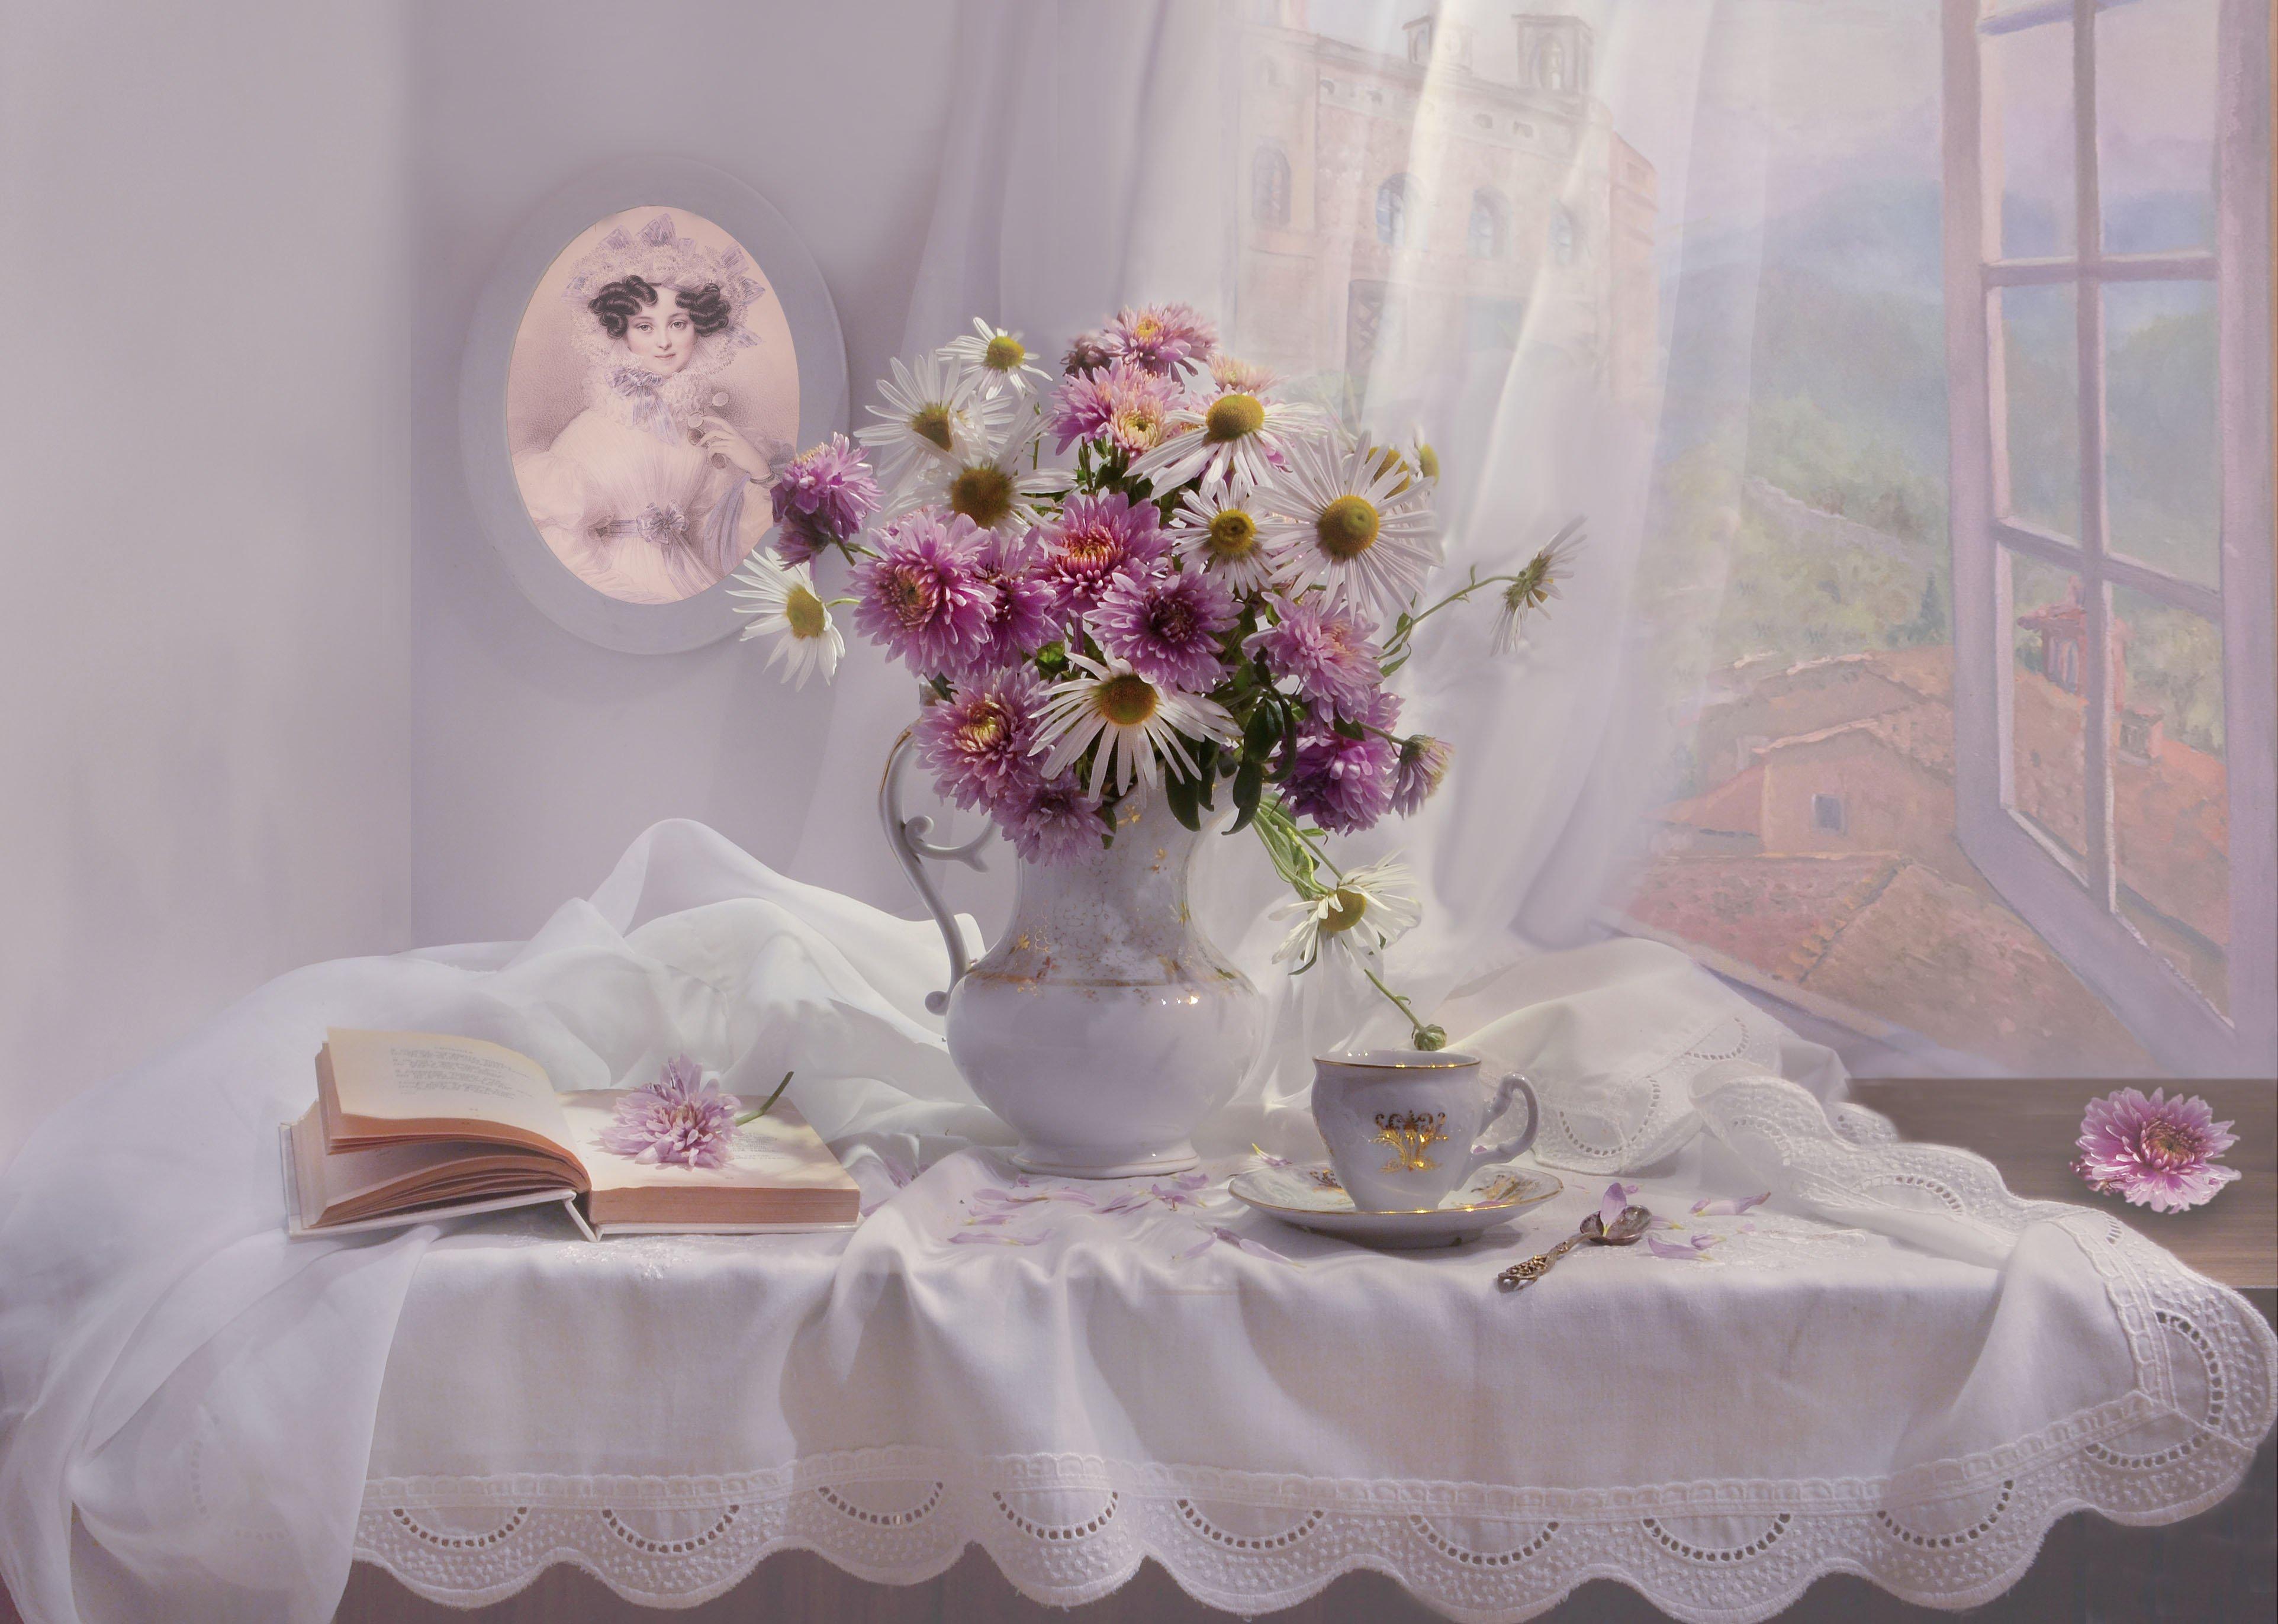 still life, натюрморт,цветы, хризантемы, фото натюрморт, стихи, октябрь, осень,  книга,  акварельный портрет, Колова Валентина